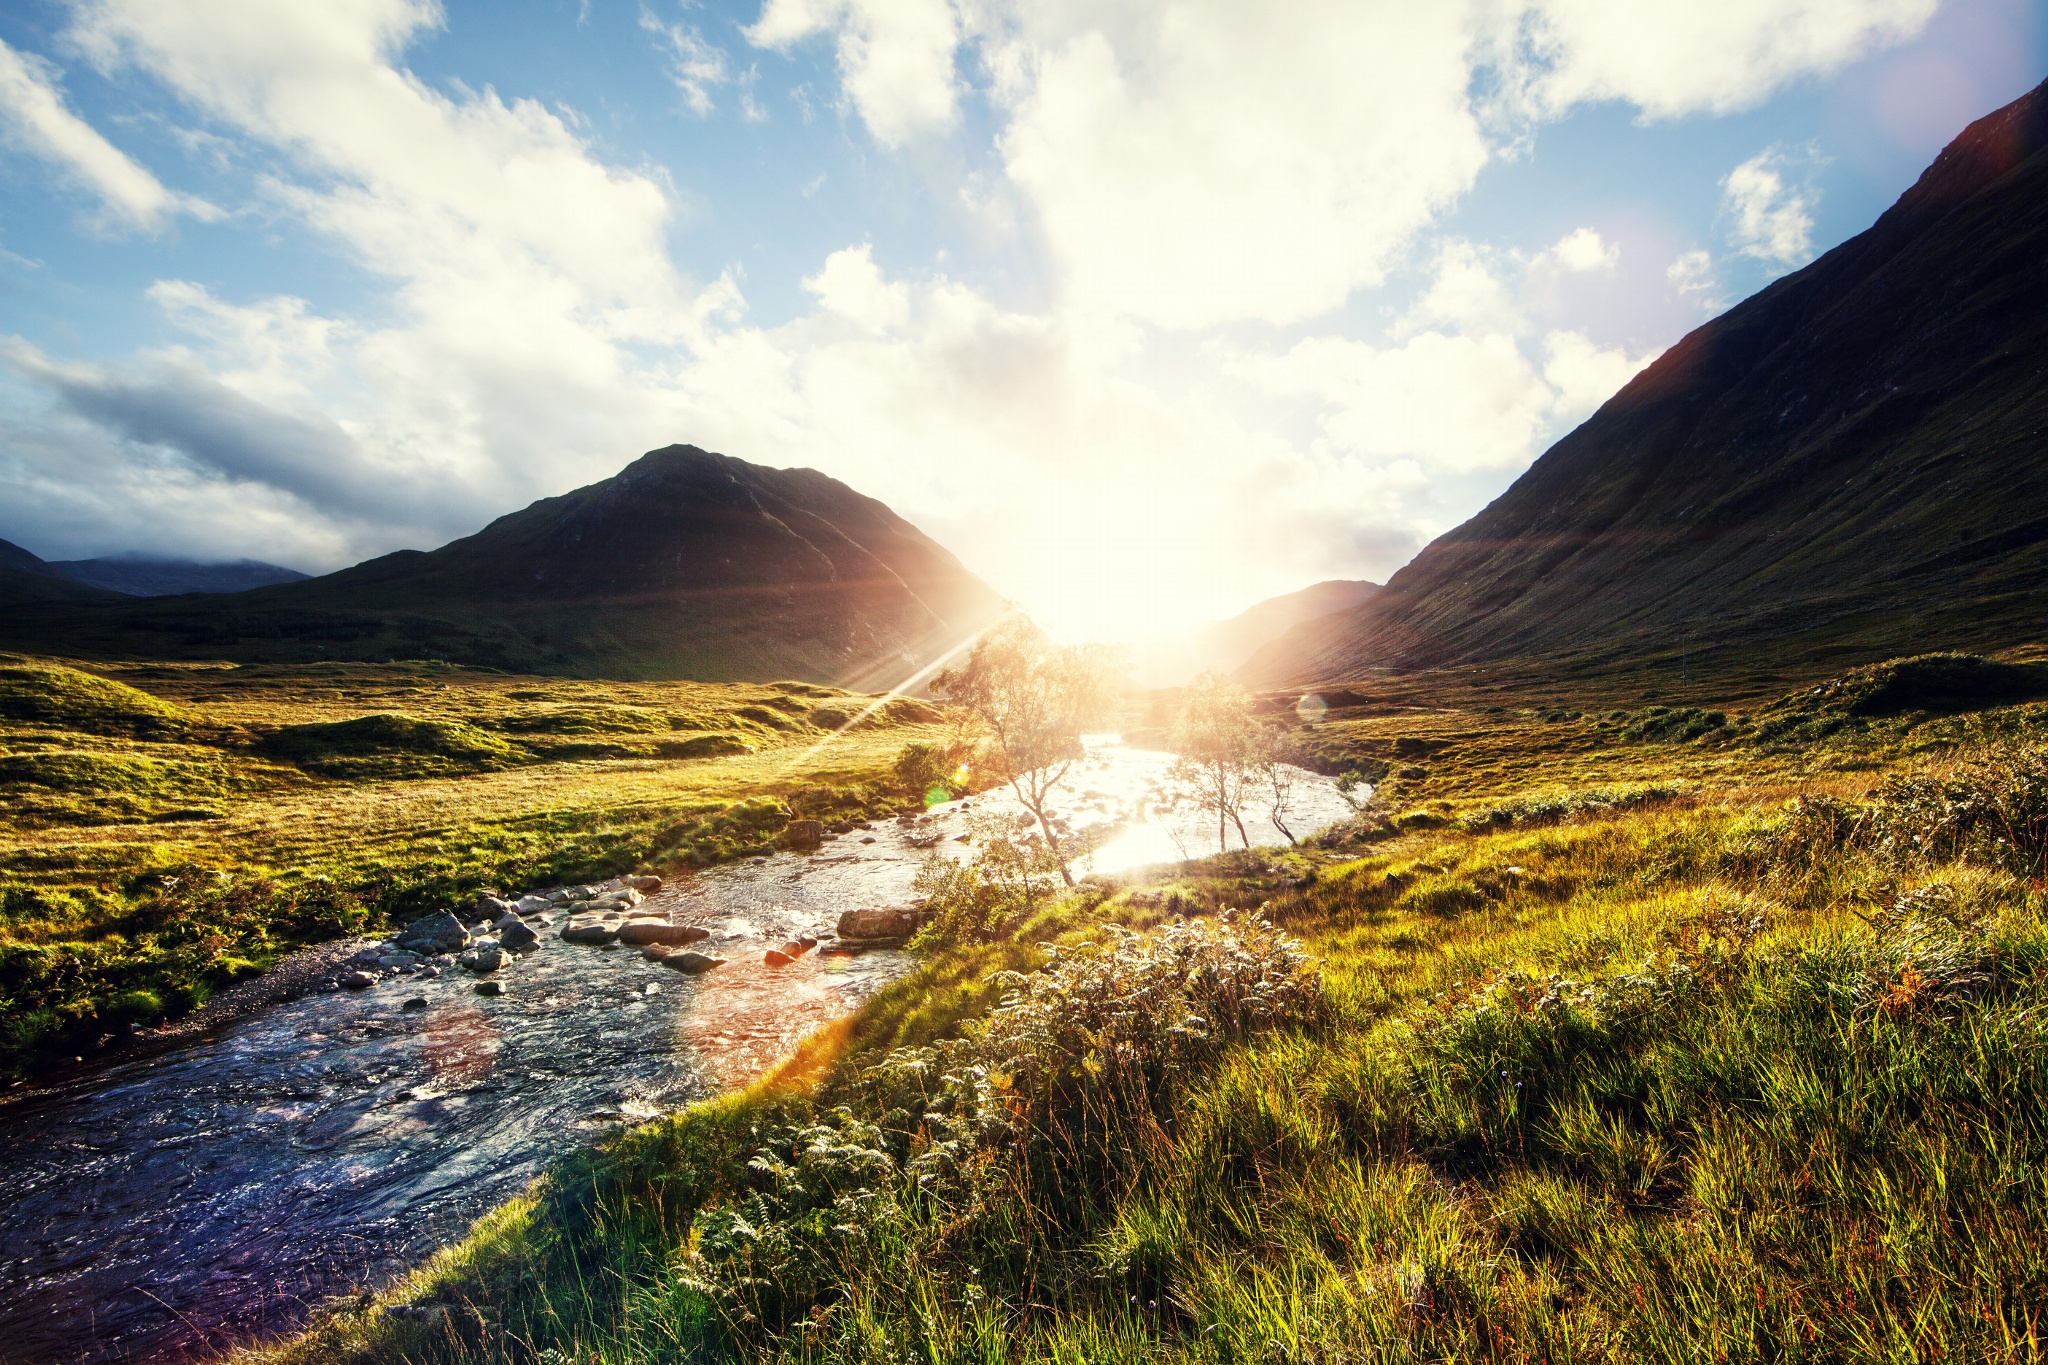 Картинки по запросу Солнце в шотландской реке Шон Гладуэлл